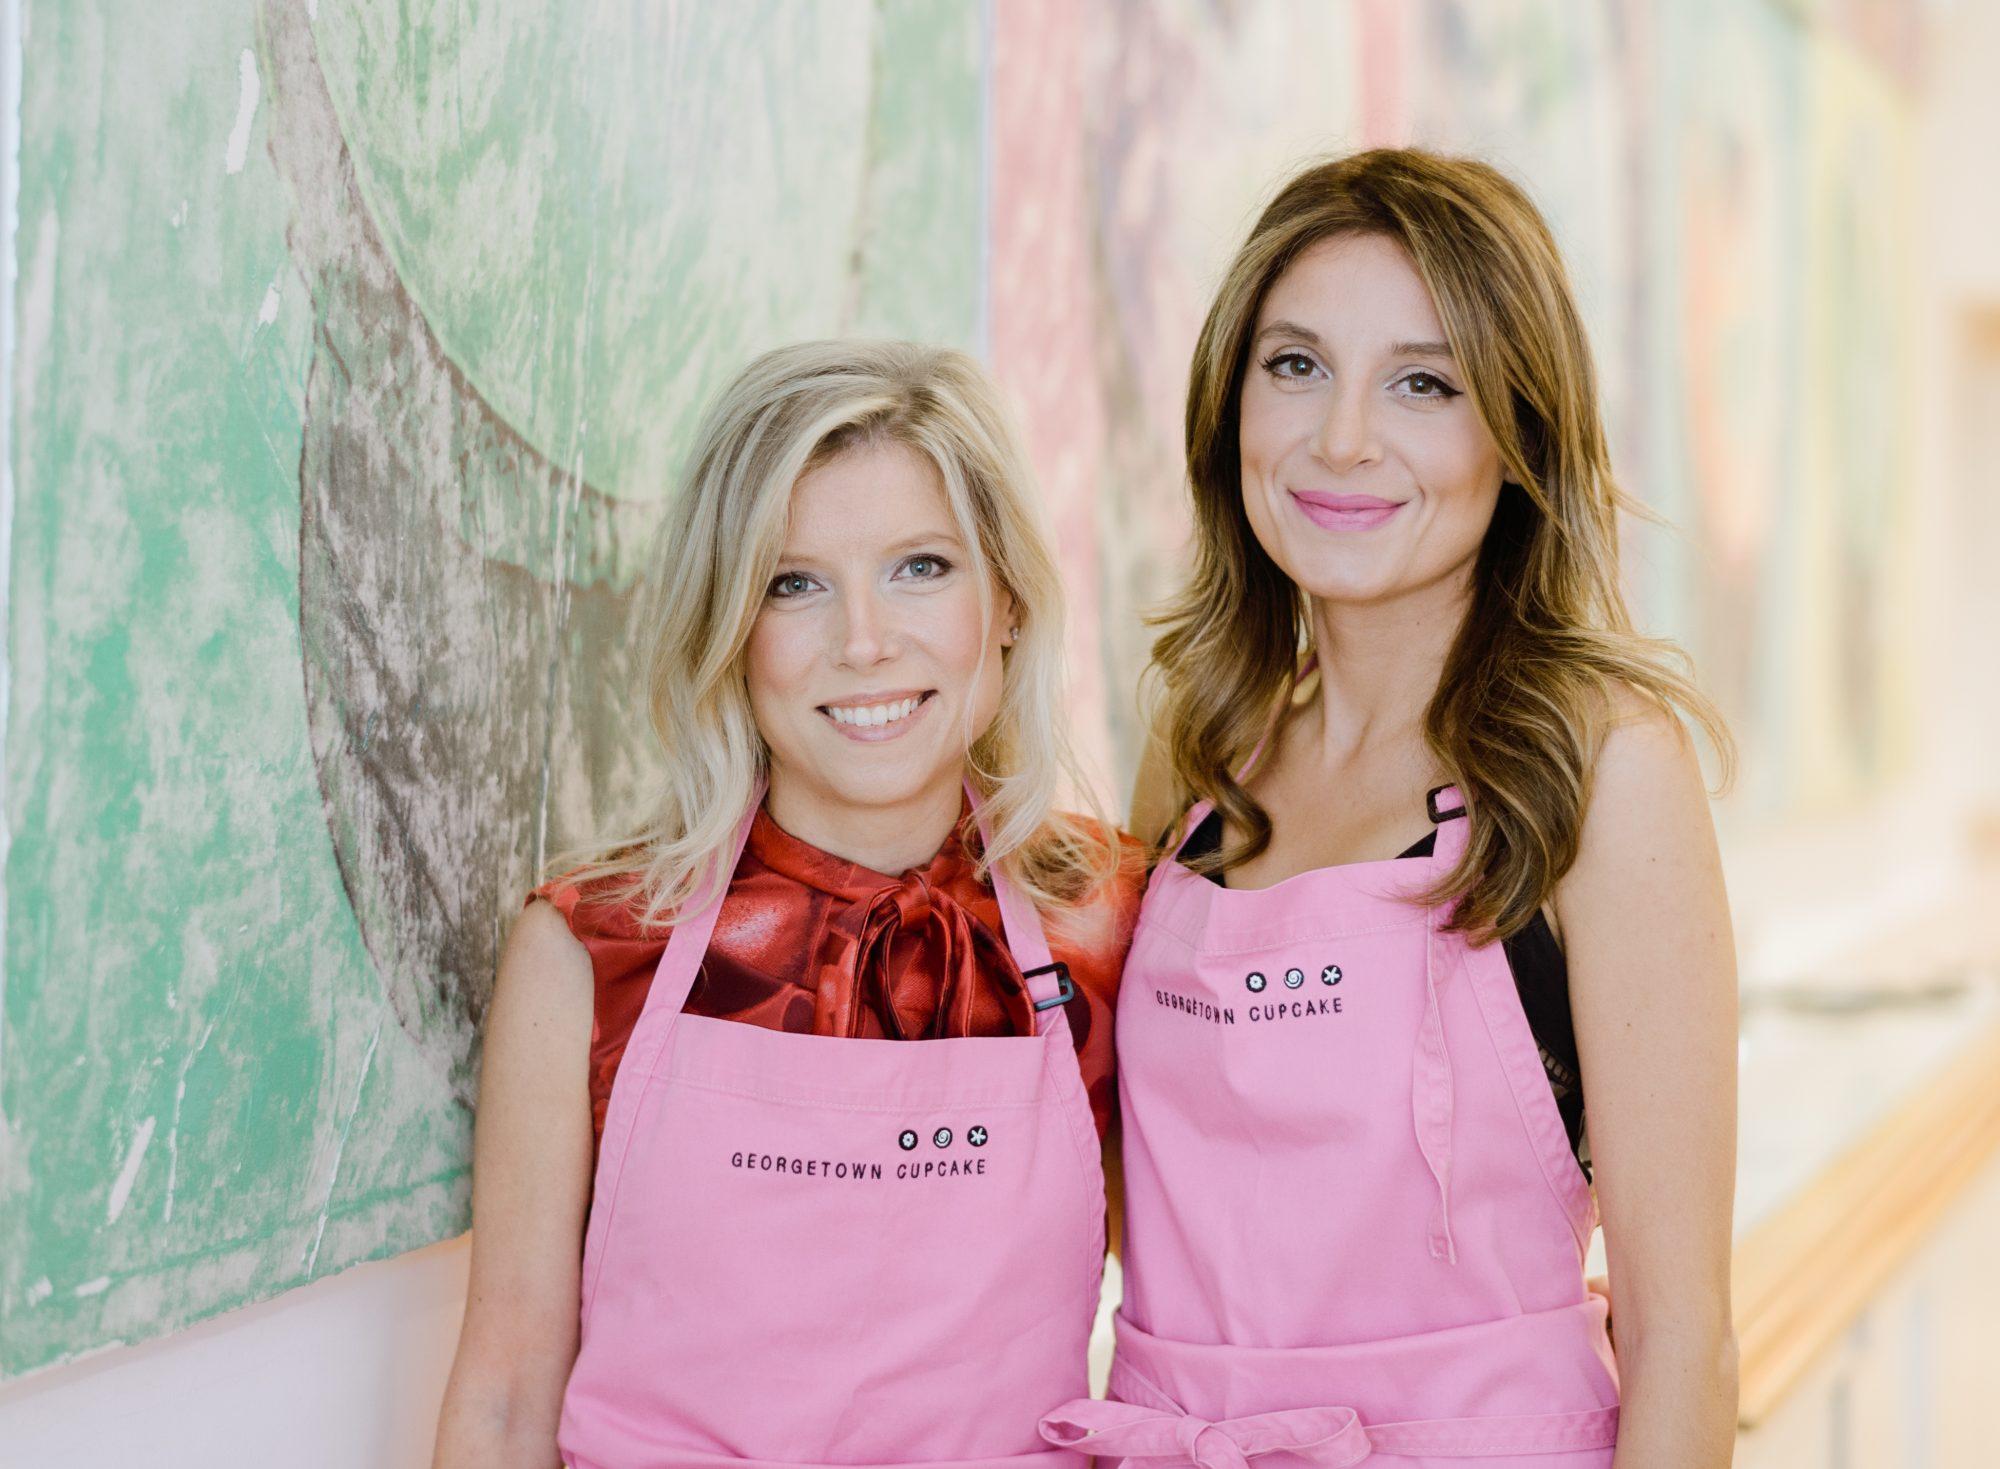 Sophie Kallins and Katherine Berman, owners of Georgetown Cupcakes in Washington, D.C.